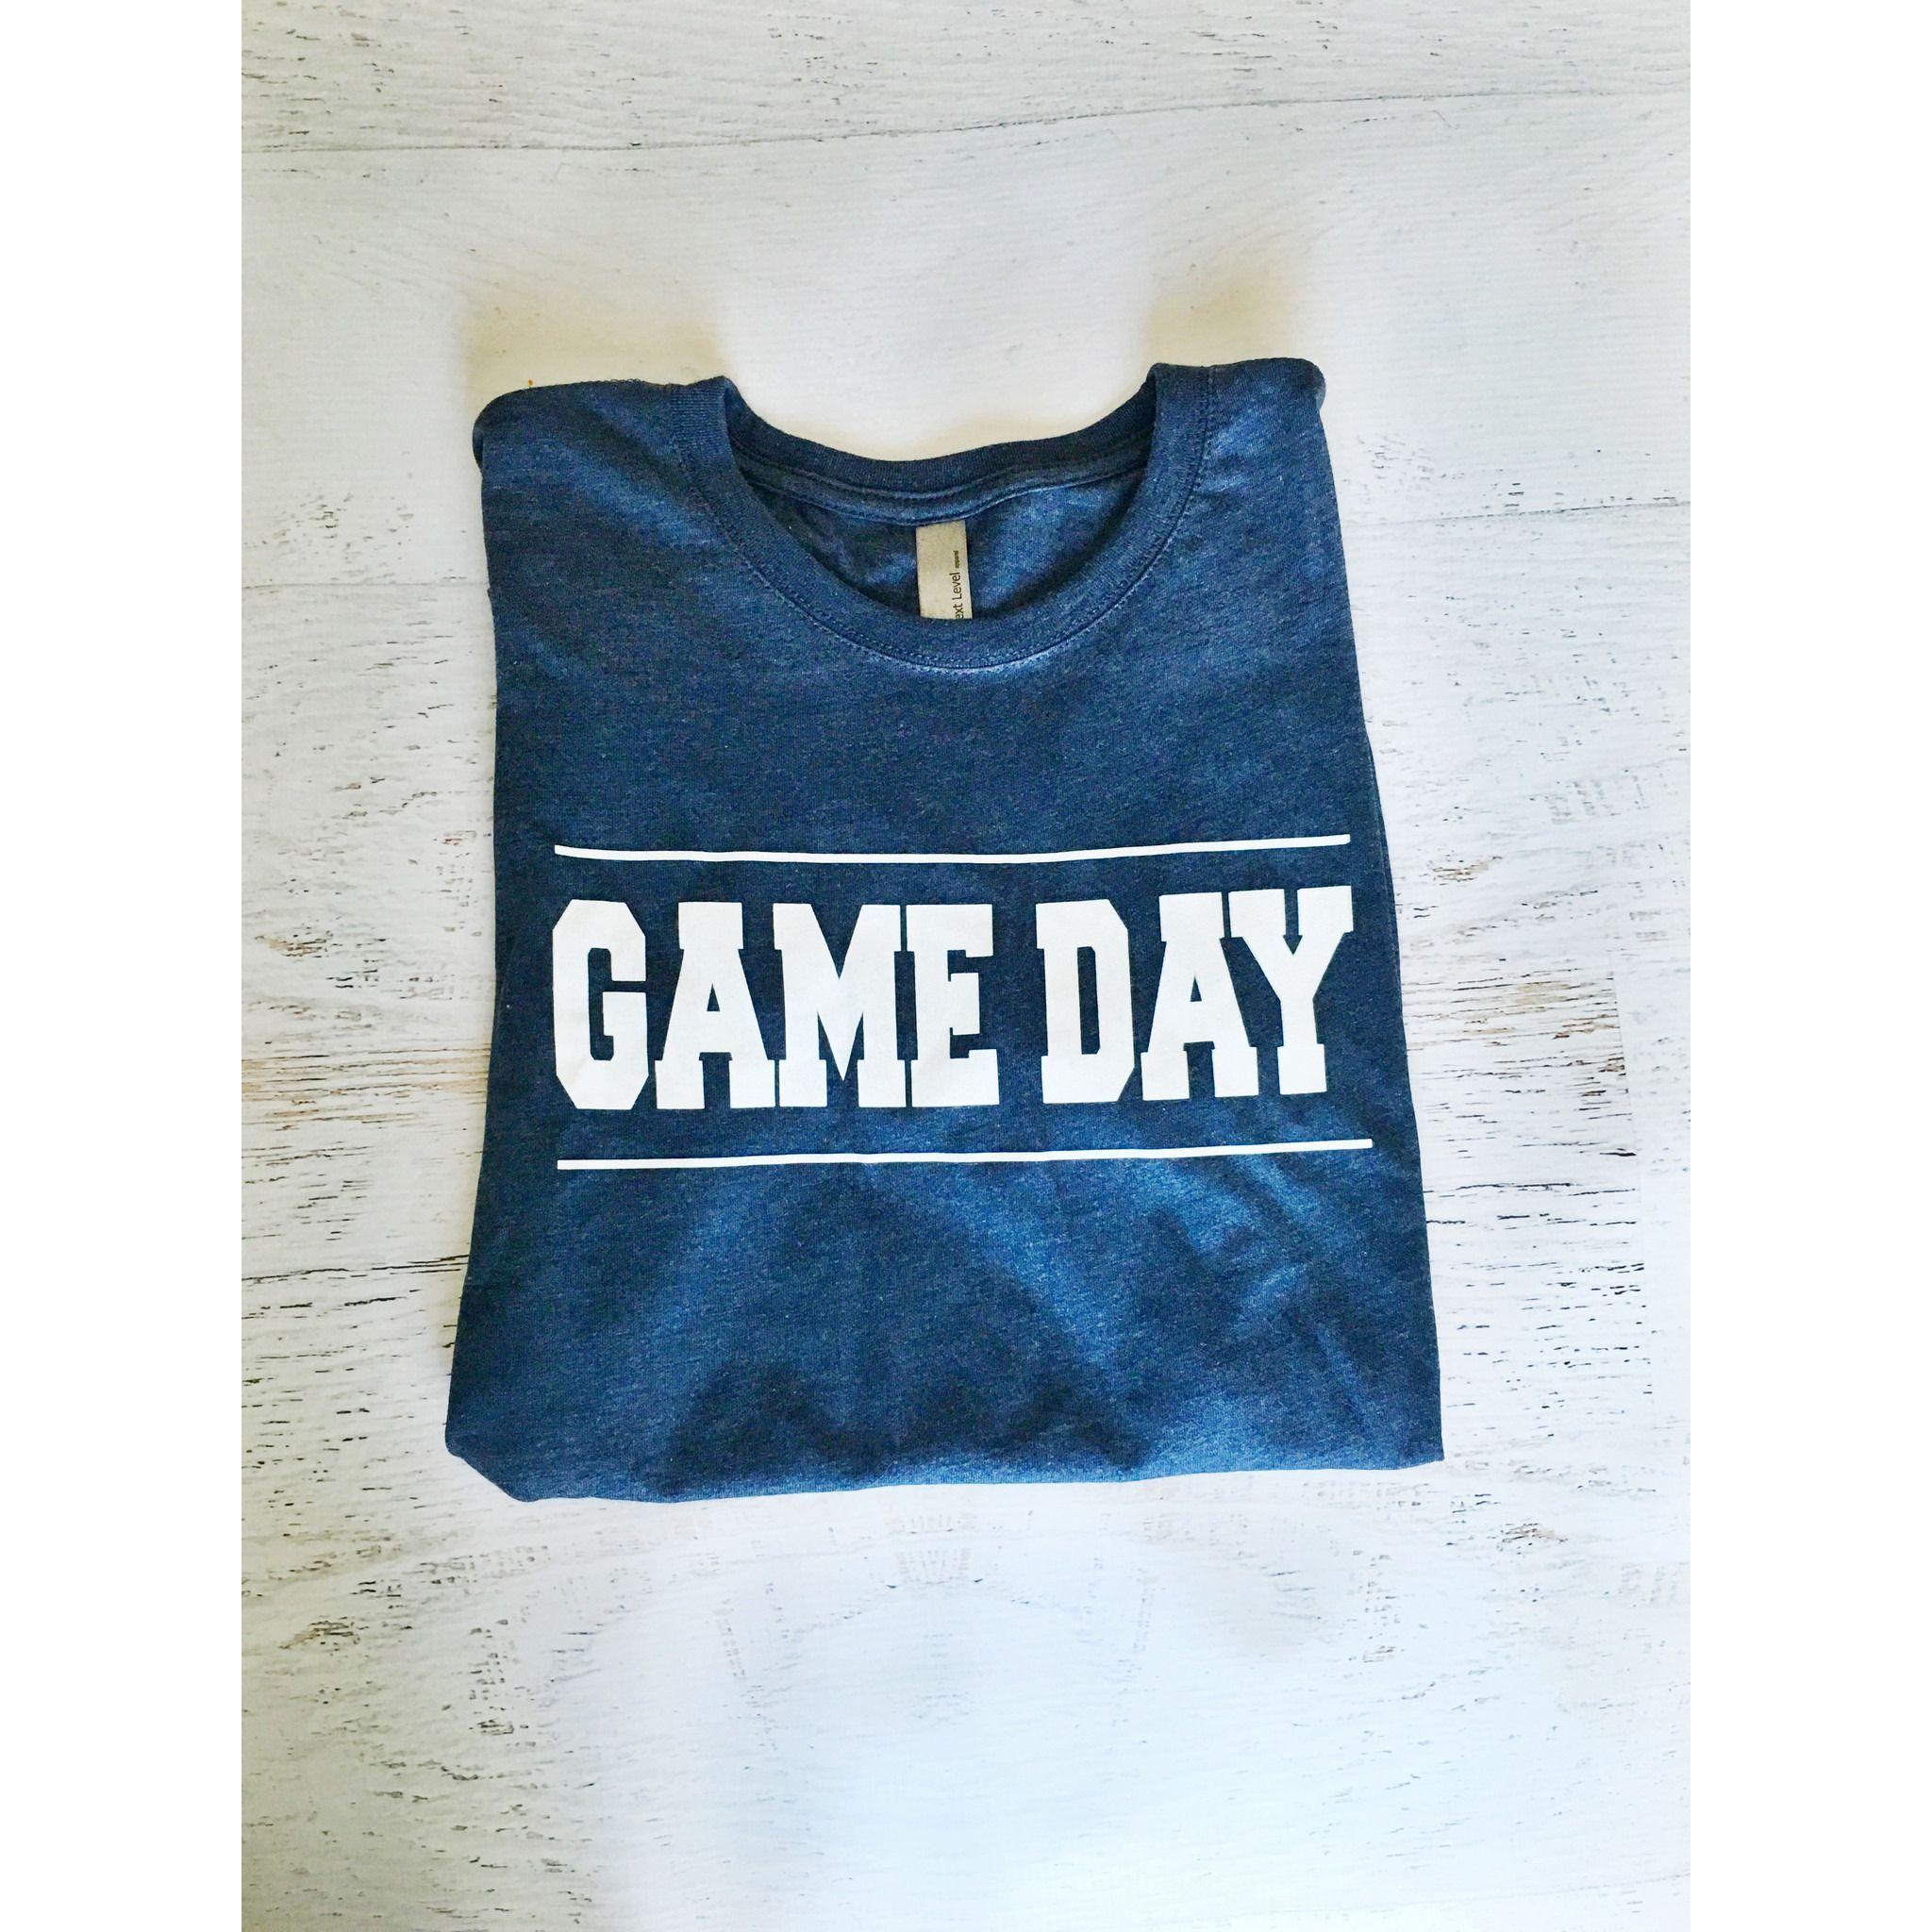 Gameday crew neck tee